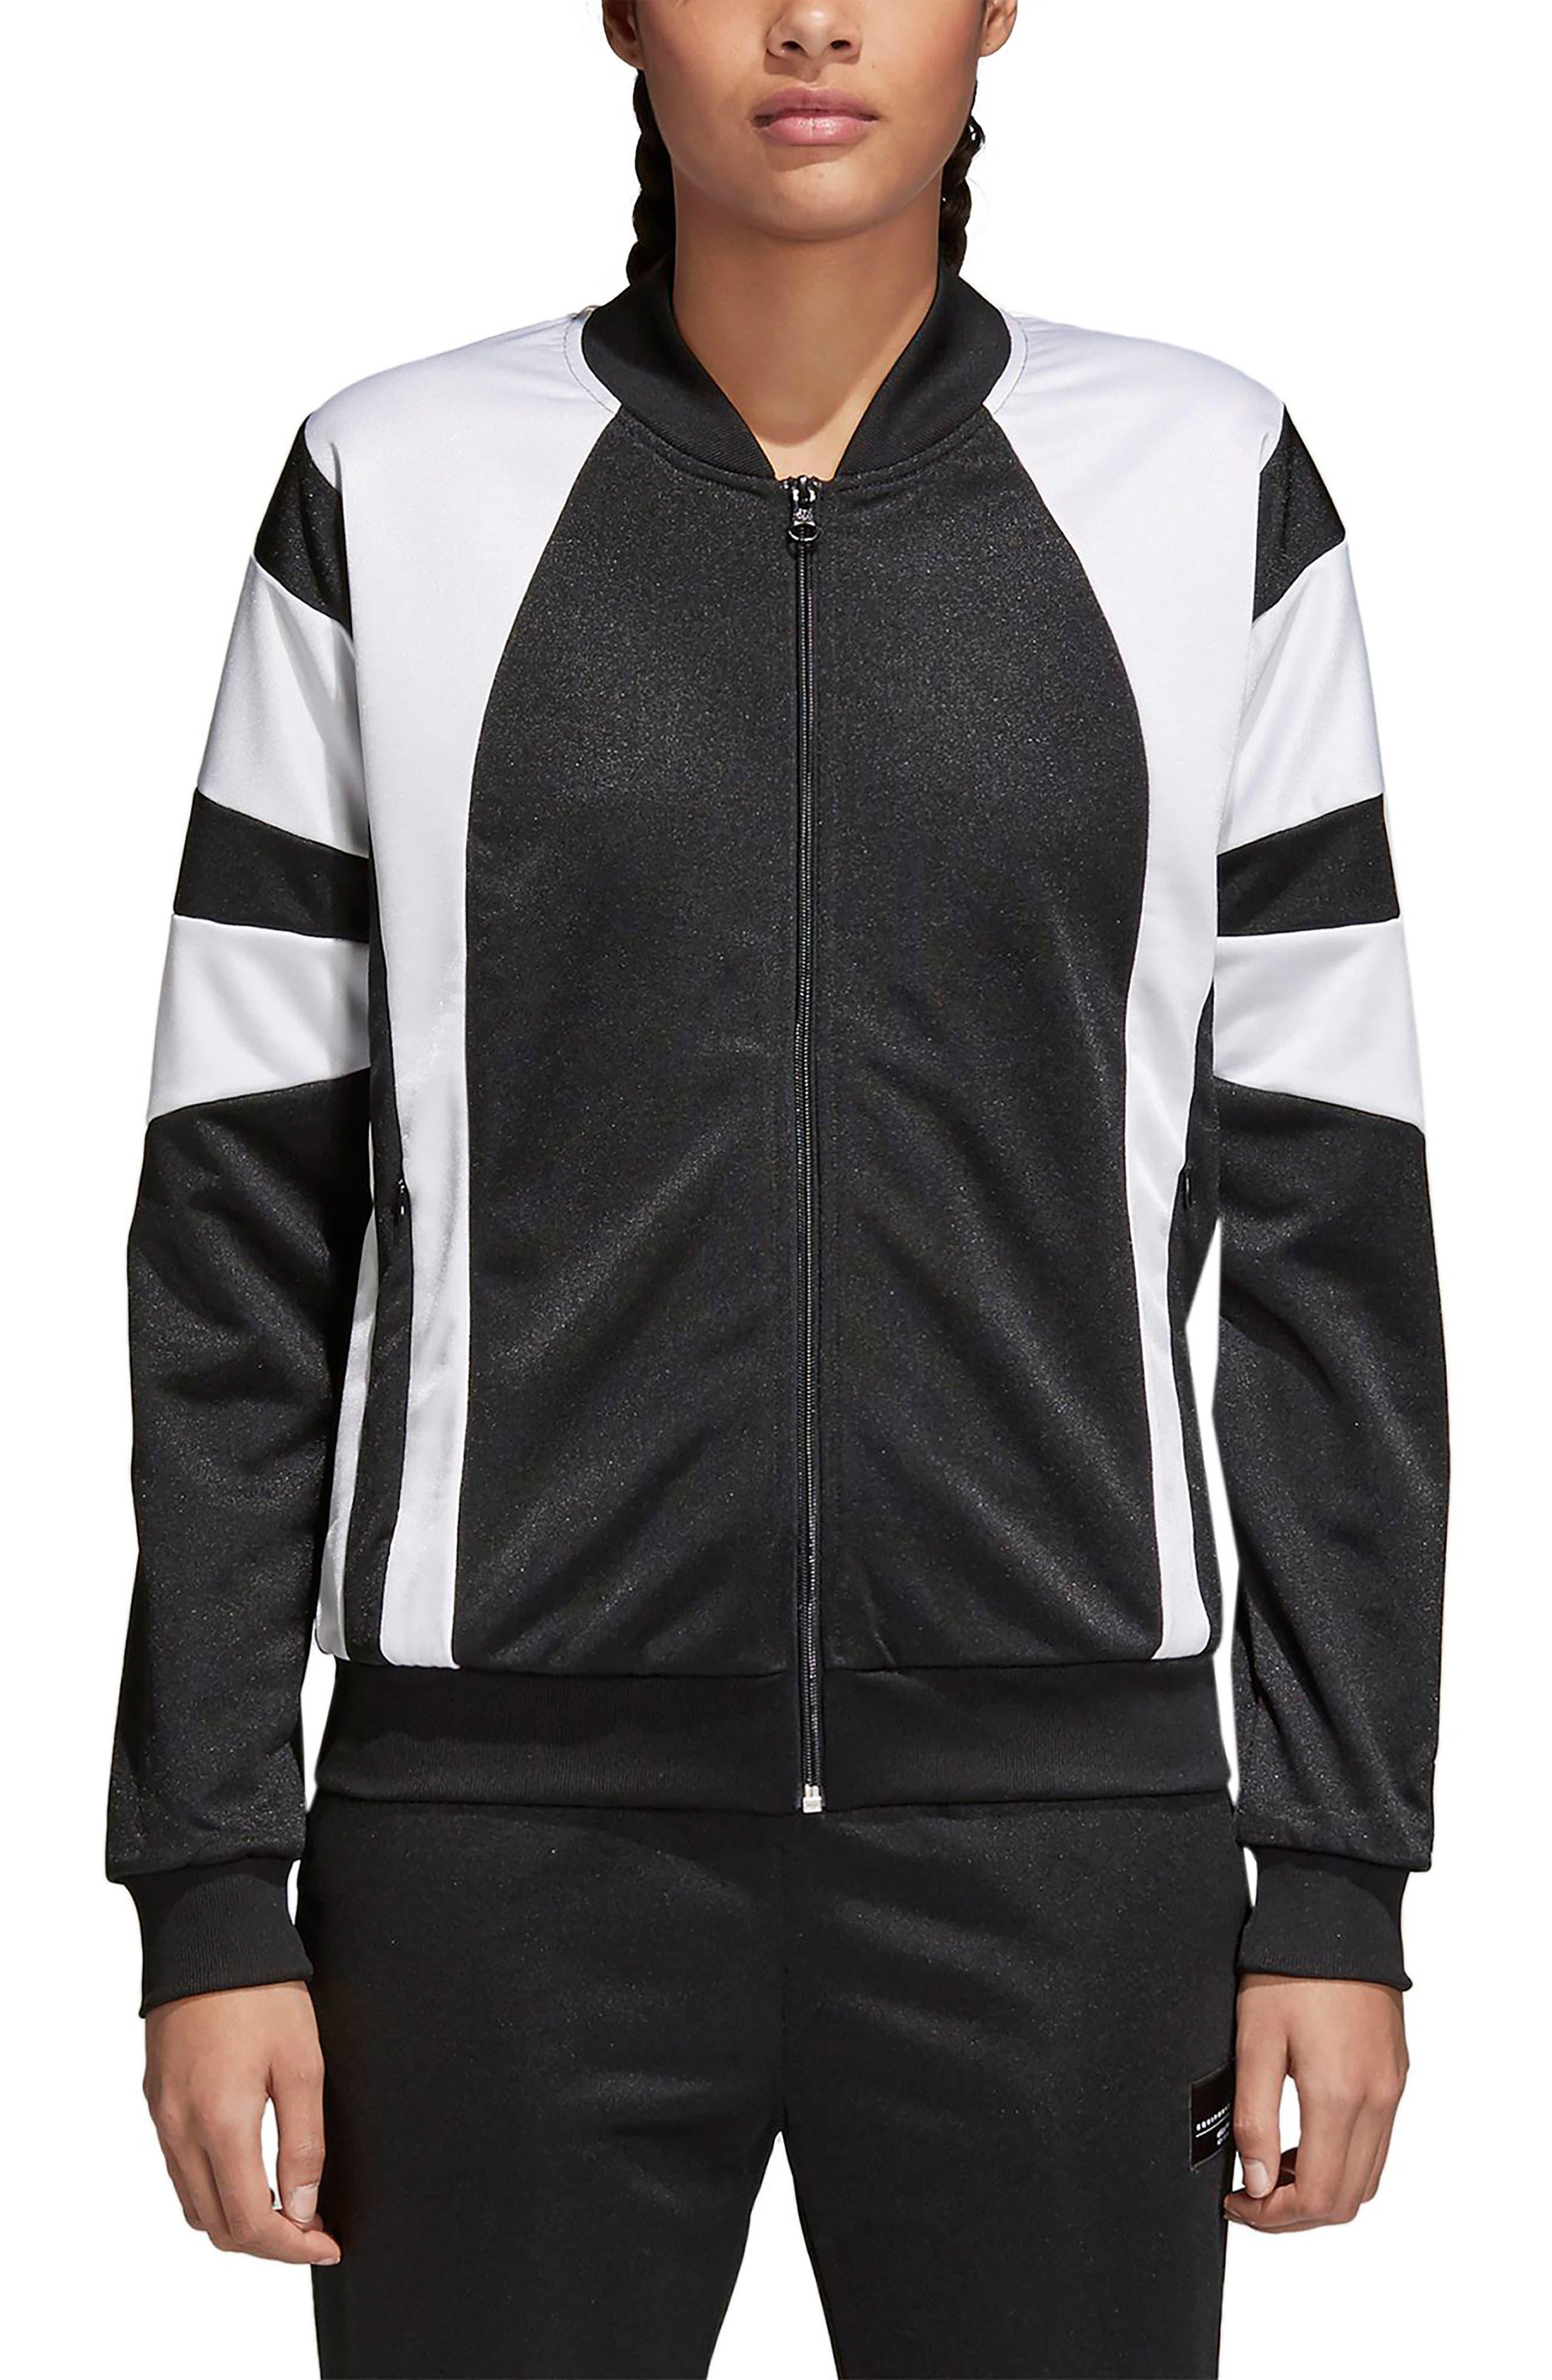 Originals Superstar Track Jacket,                         Main,                         color, Black/ White